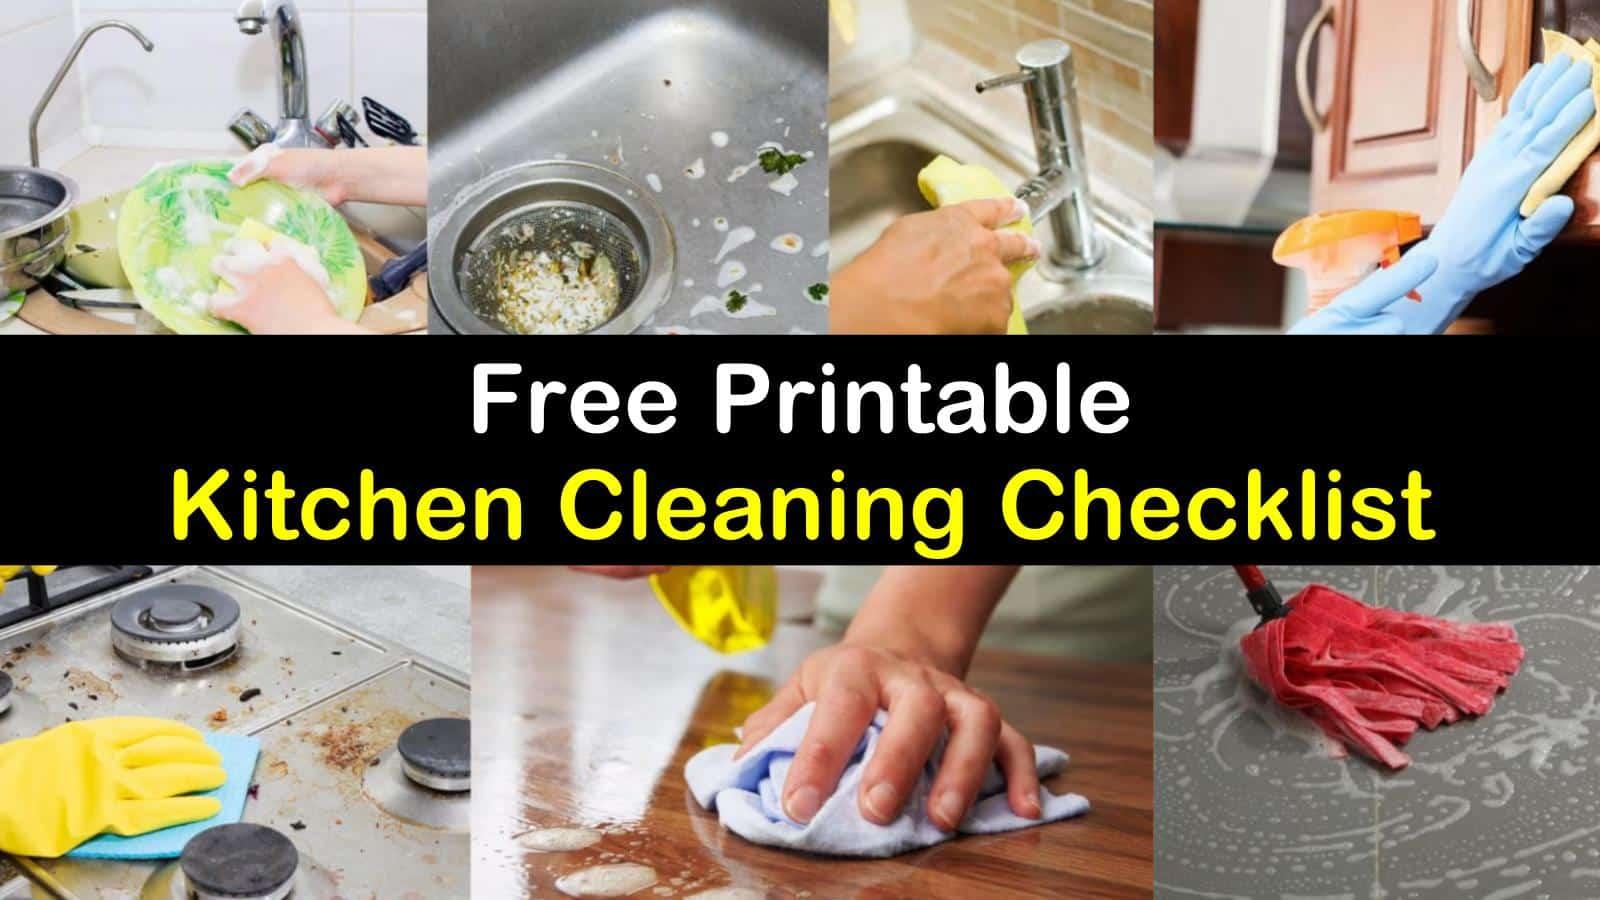 شركة تنظيف مطابخ وإزالة الدهون بالشارقة